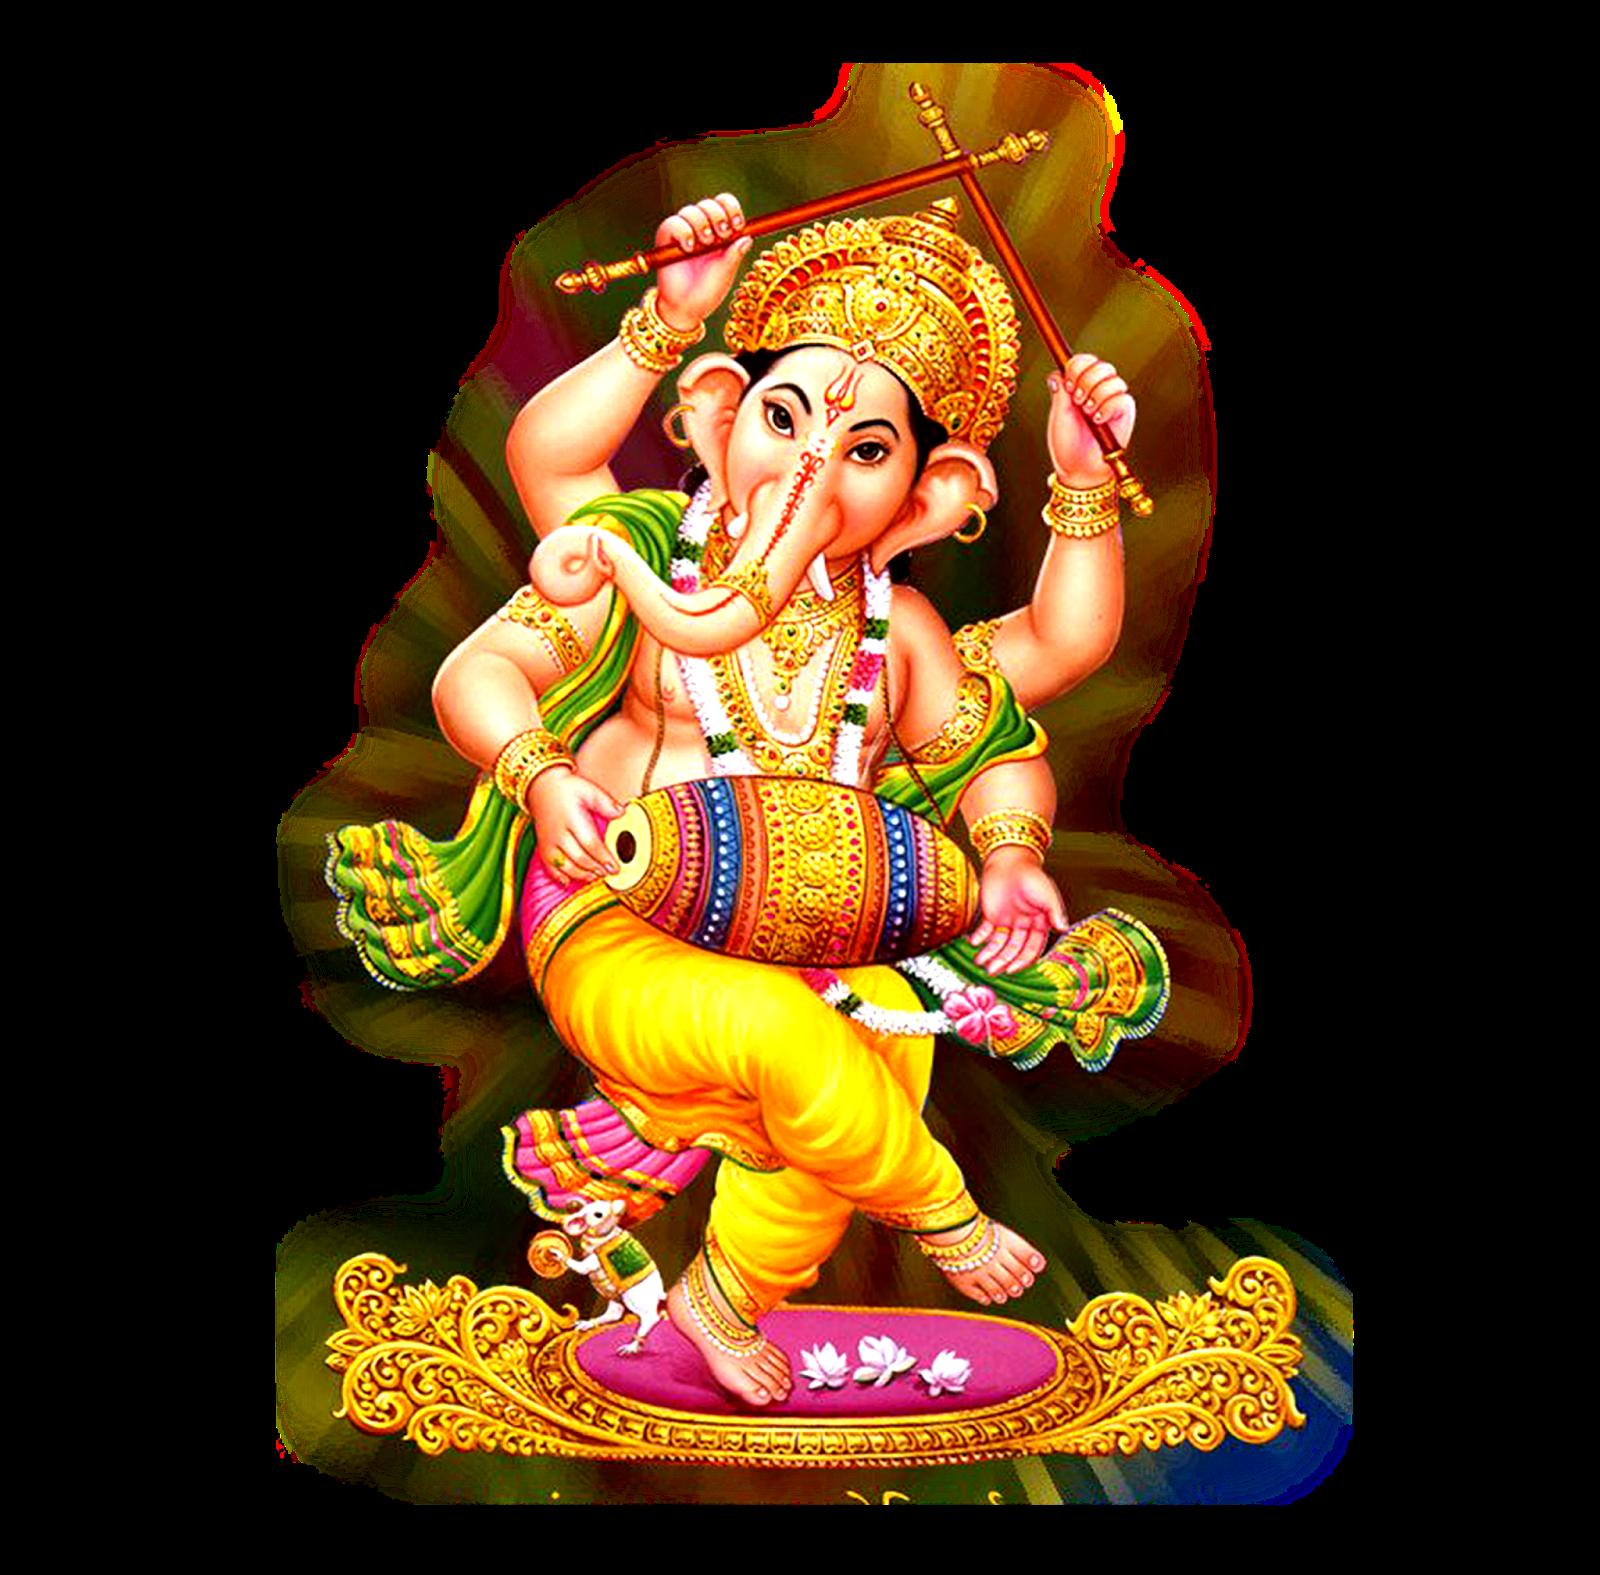 Sri ganesh transparentpng image. Png images hd